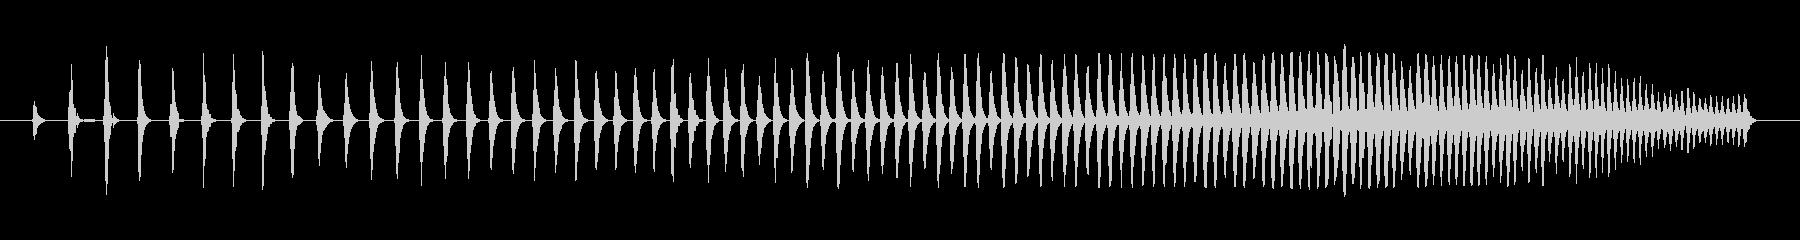 複数のシンセがピッチを上げるテクス...の未再生の波形